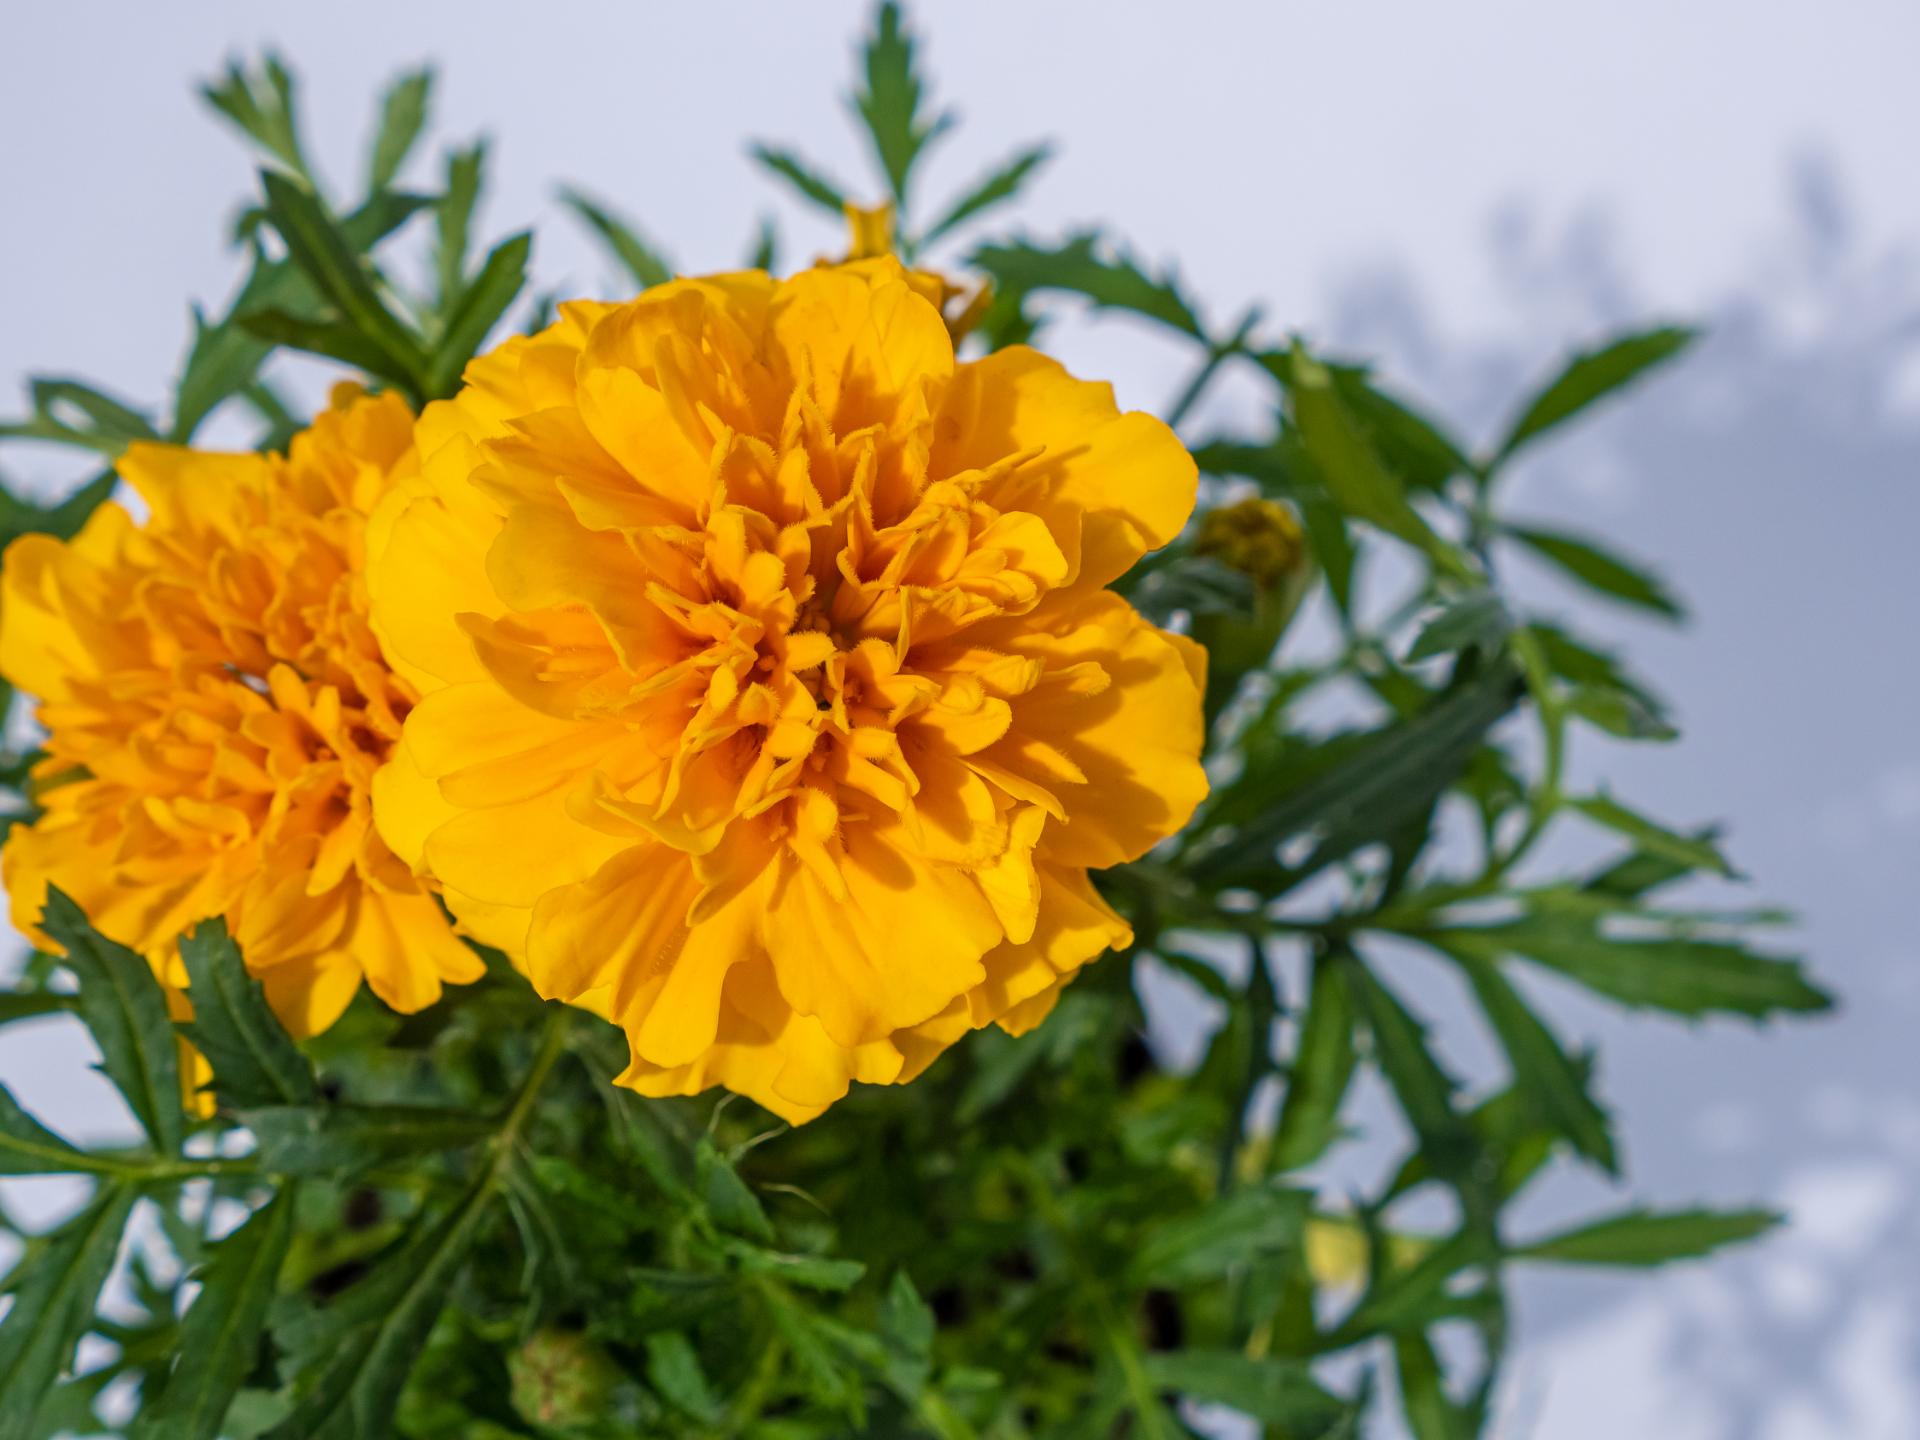 Ogrodnictwo Krauze – zdjęcia produktów